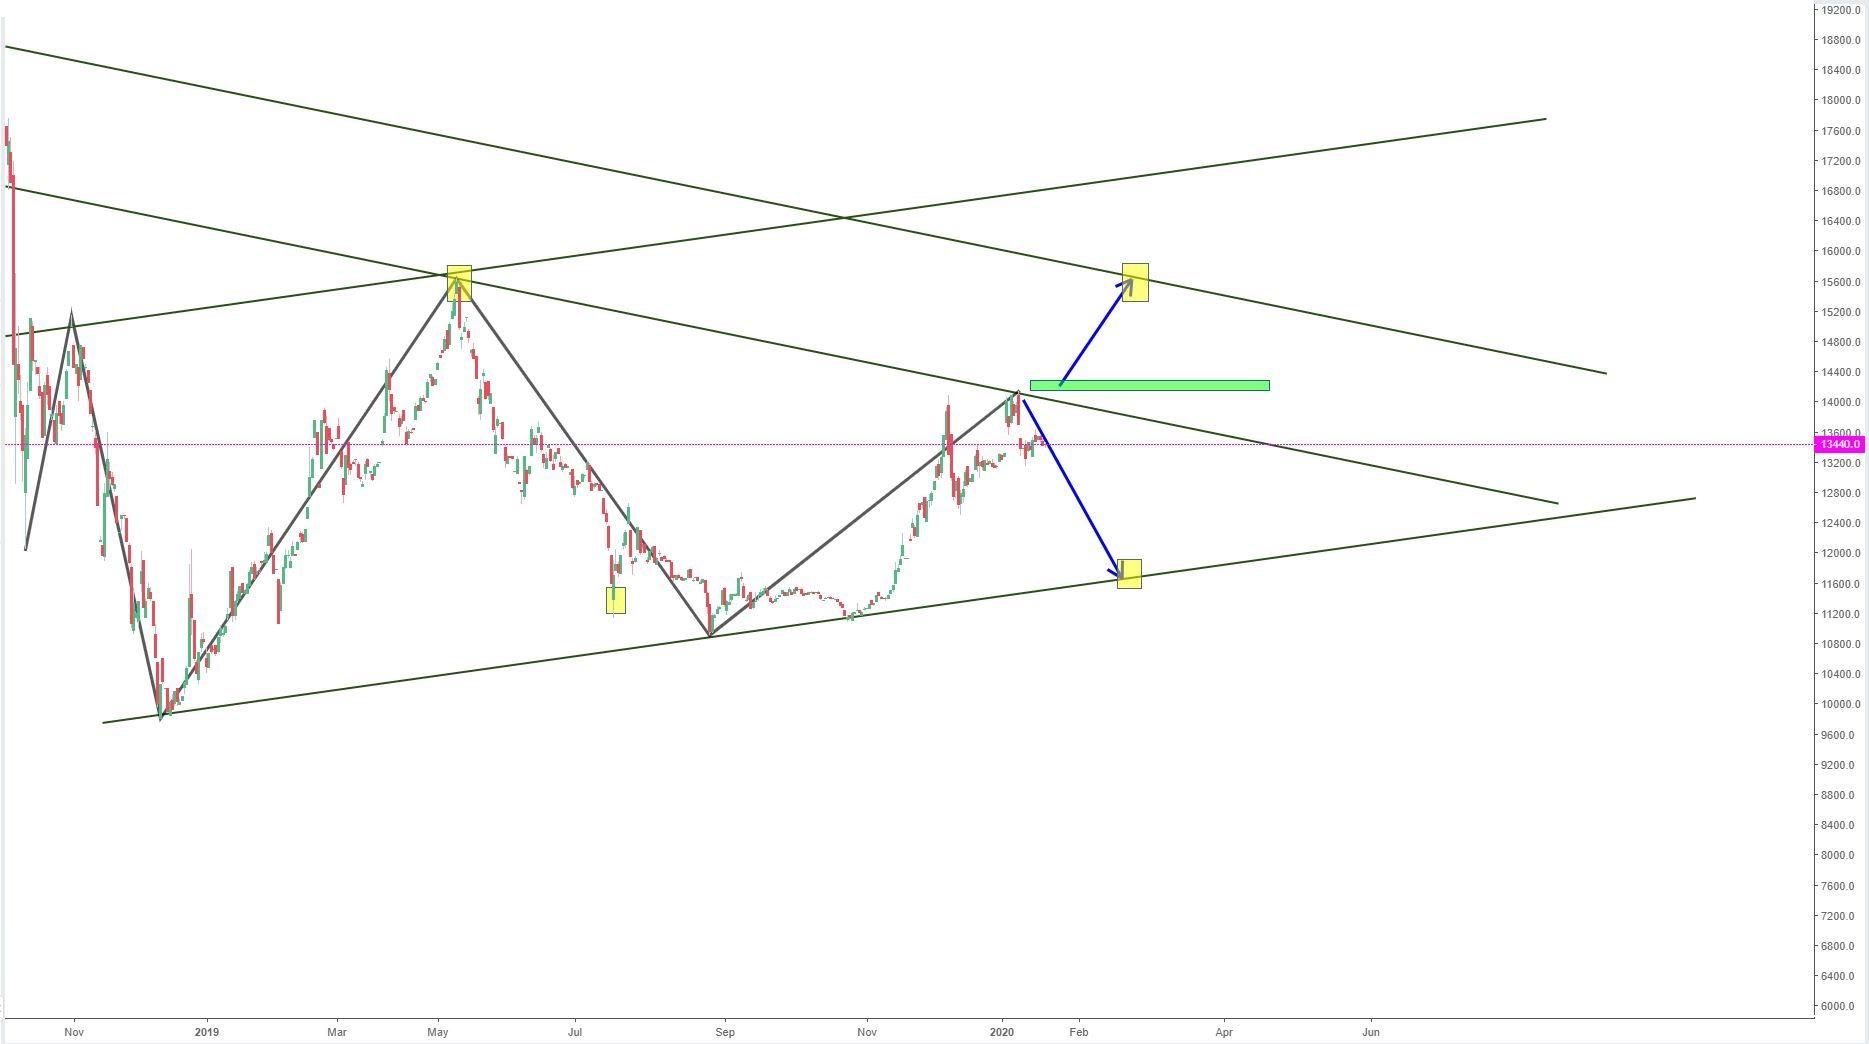 تحلیل دلار و آینده پیش رو دلار